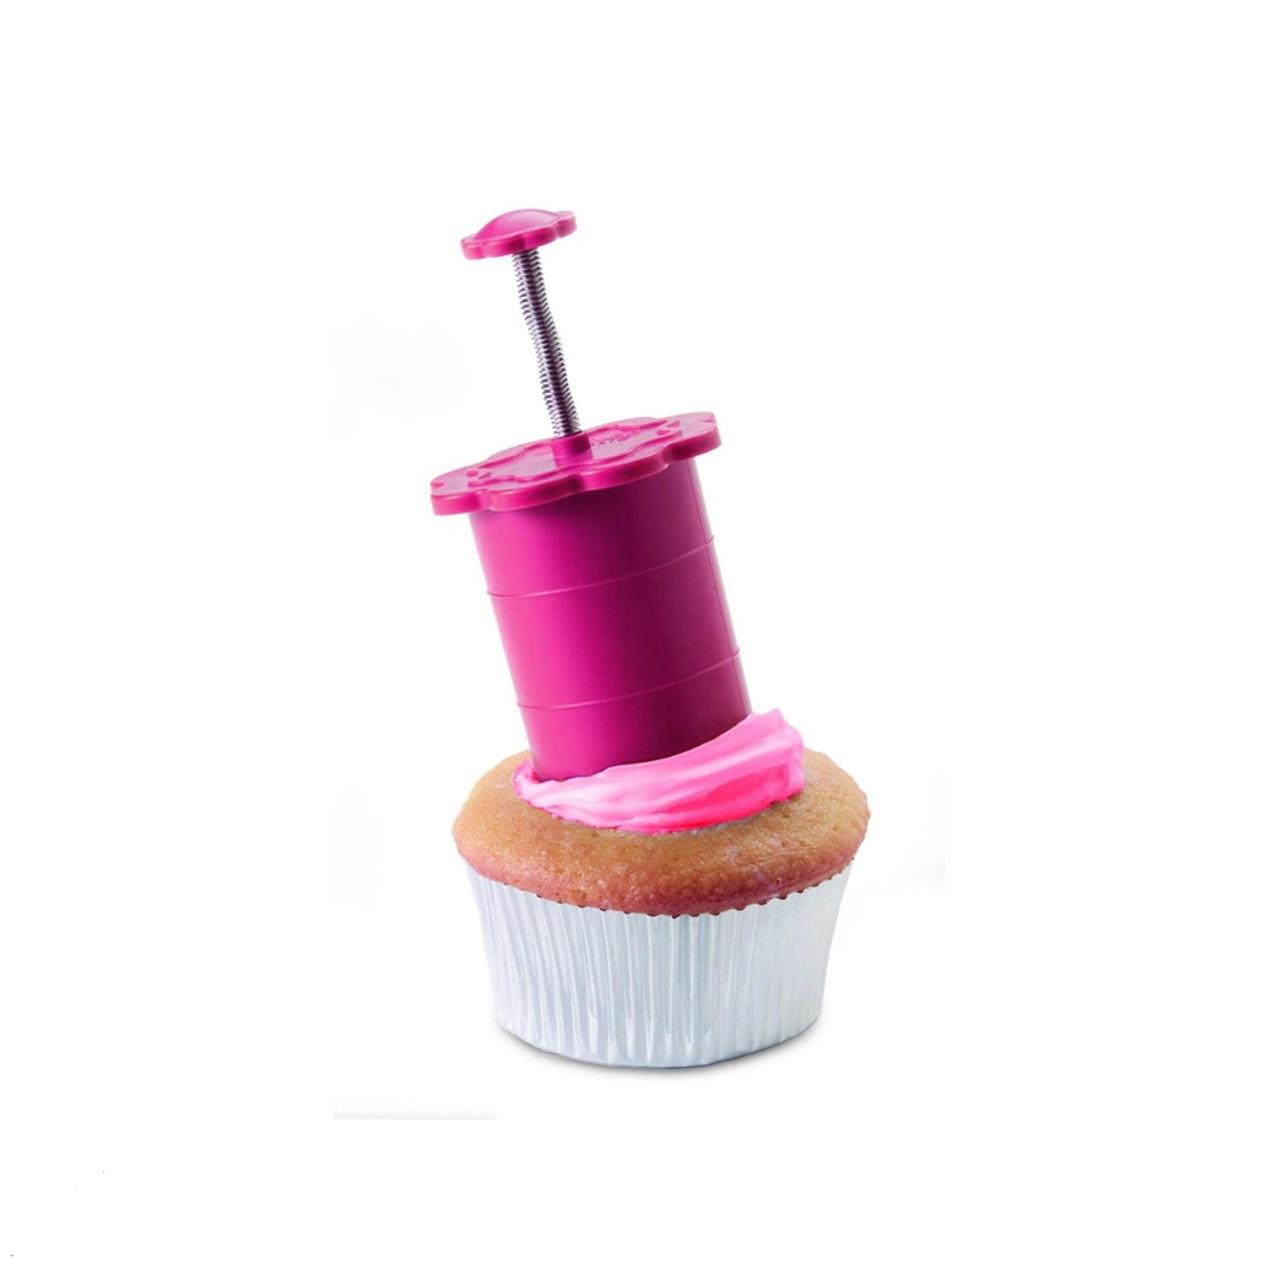 Плунжер-бур для кексов и капкейков